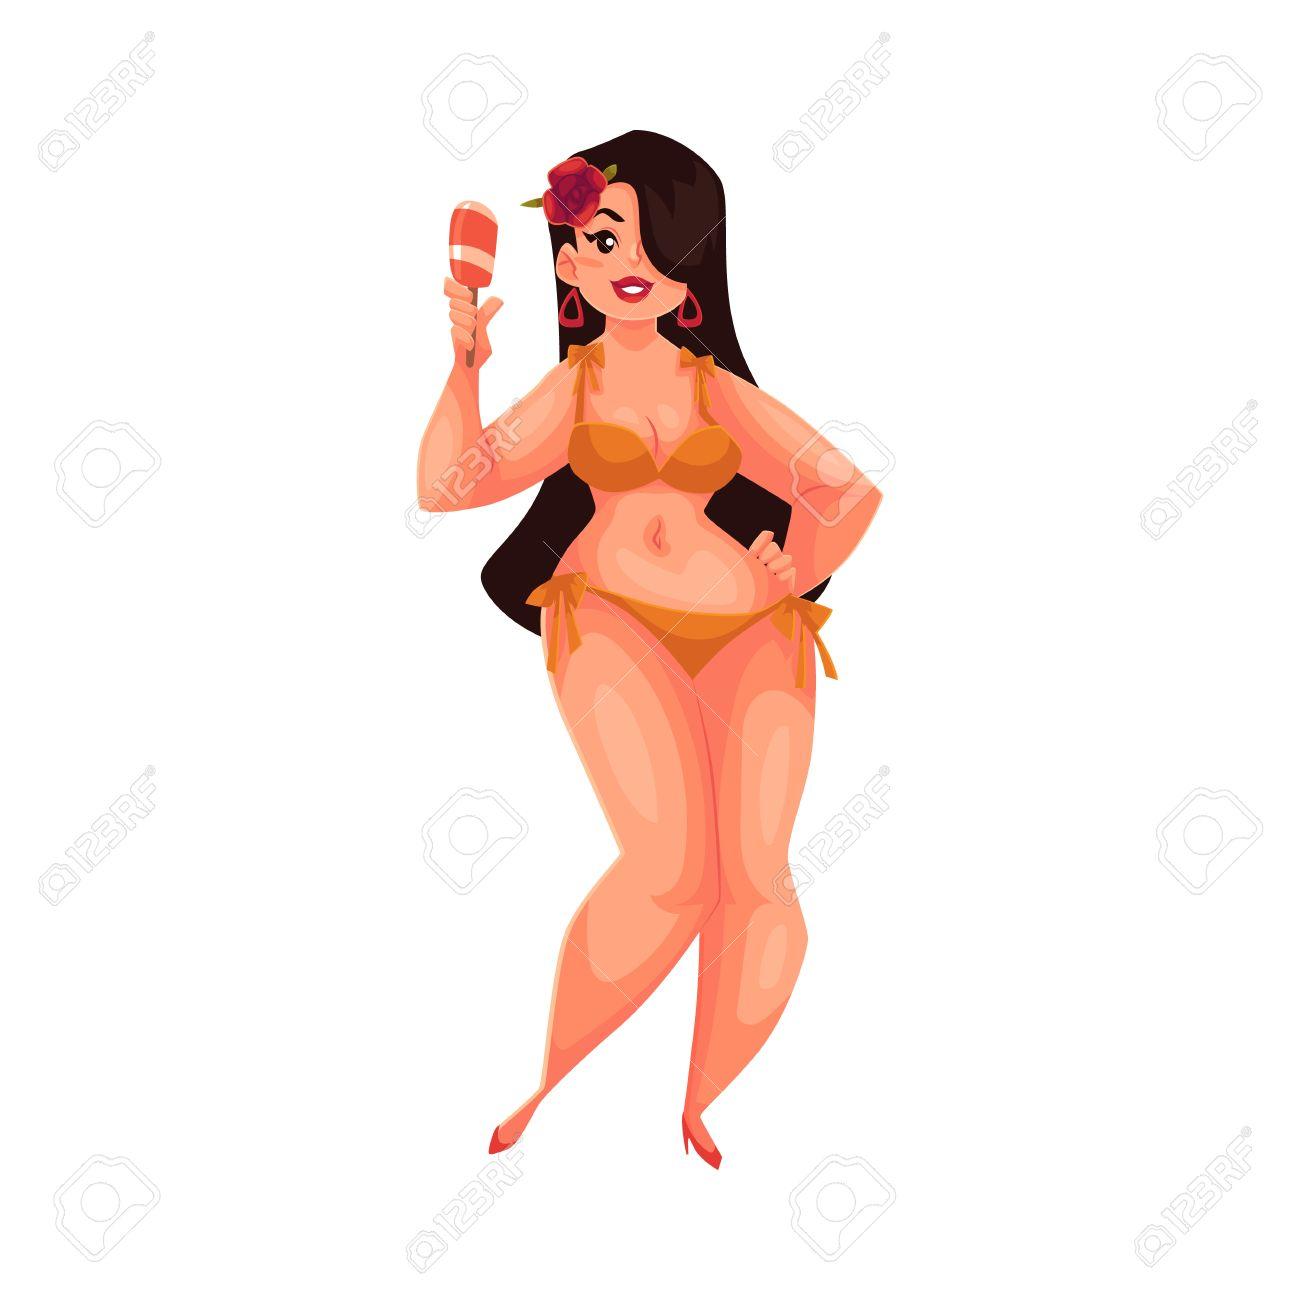 Chubby curvy black girls